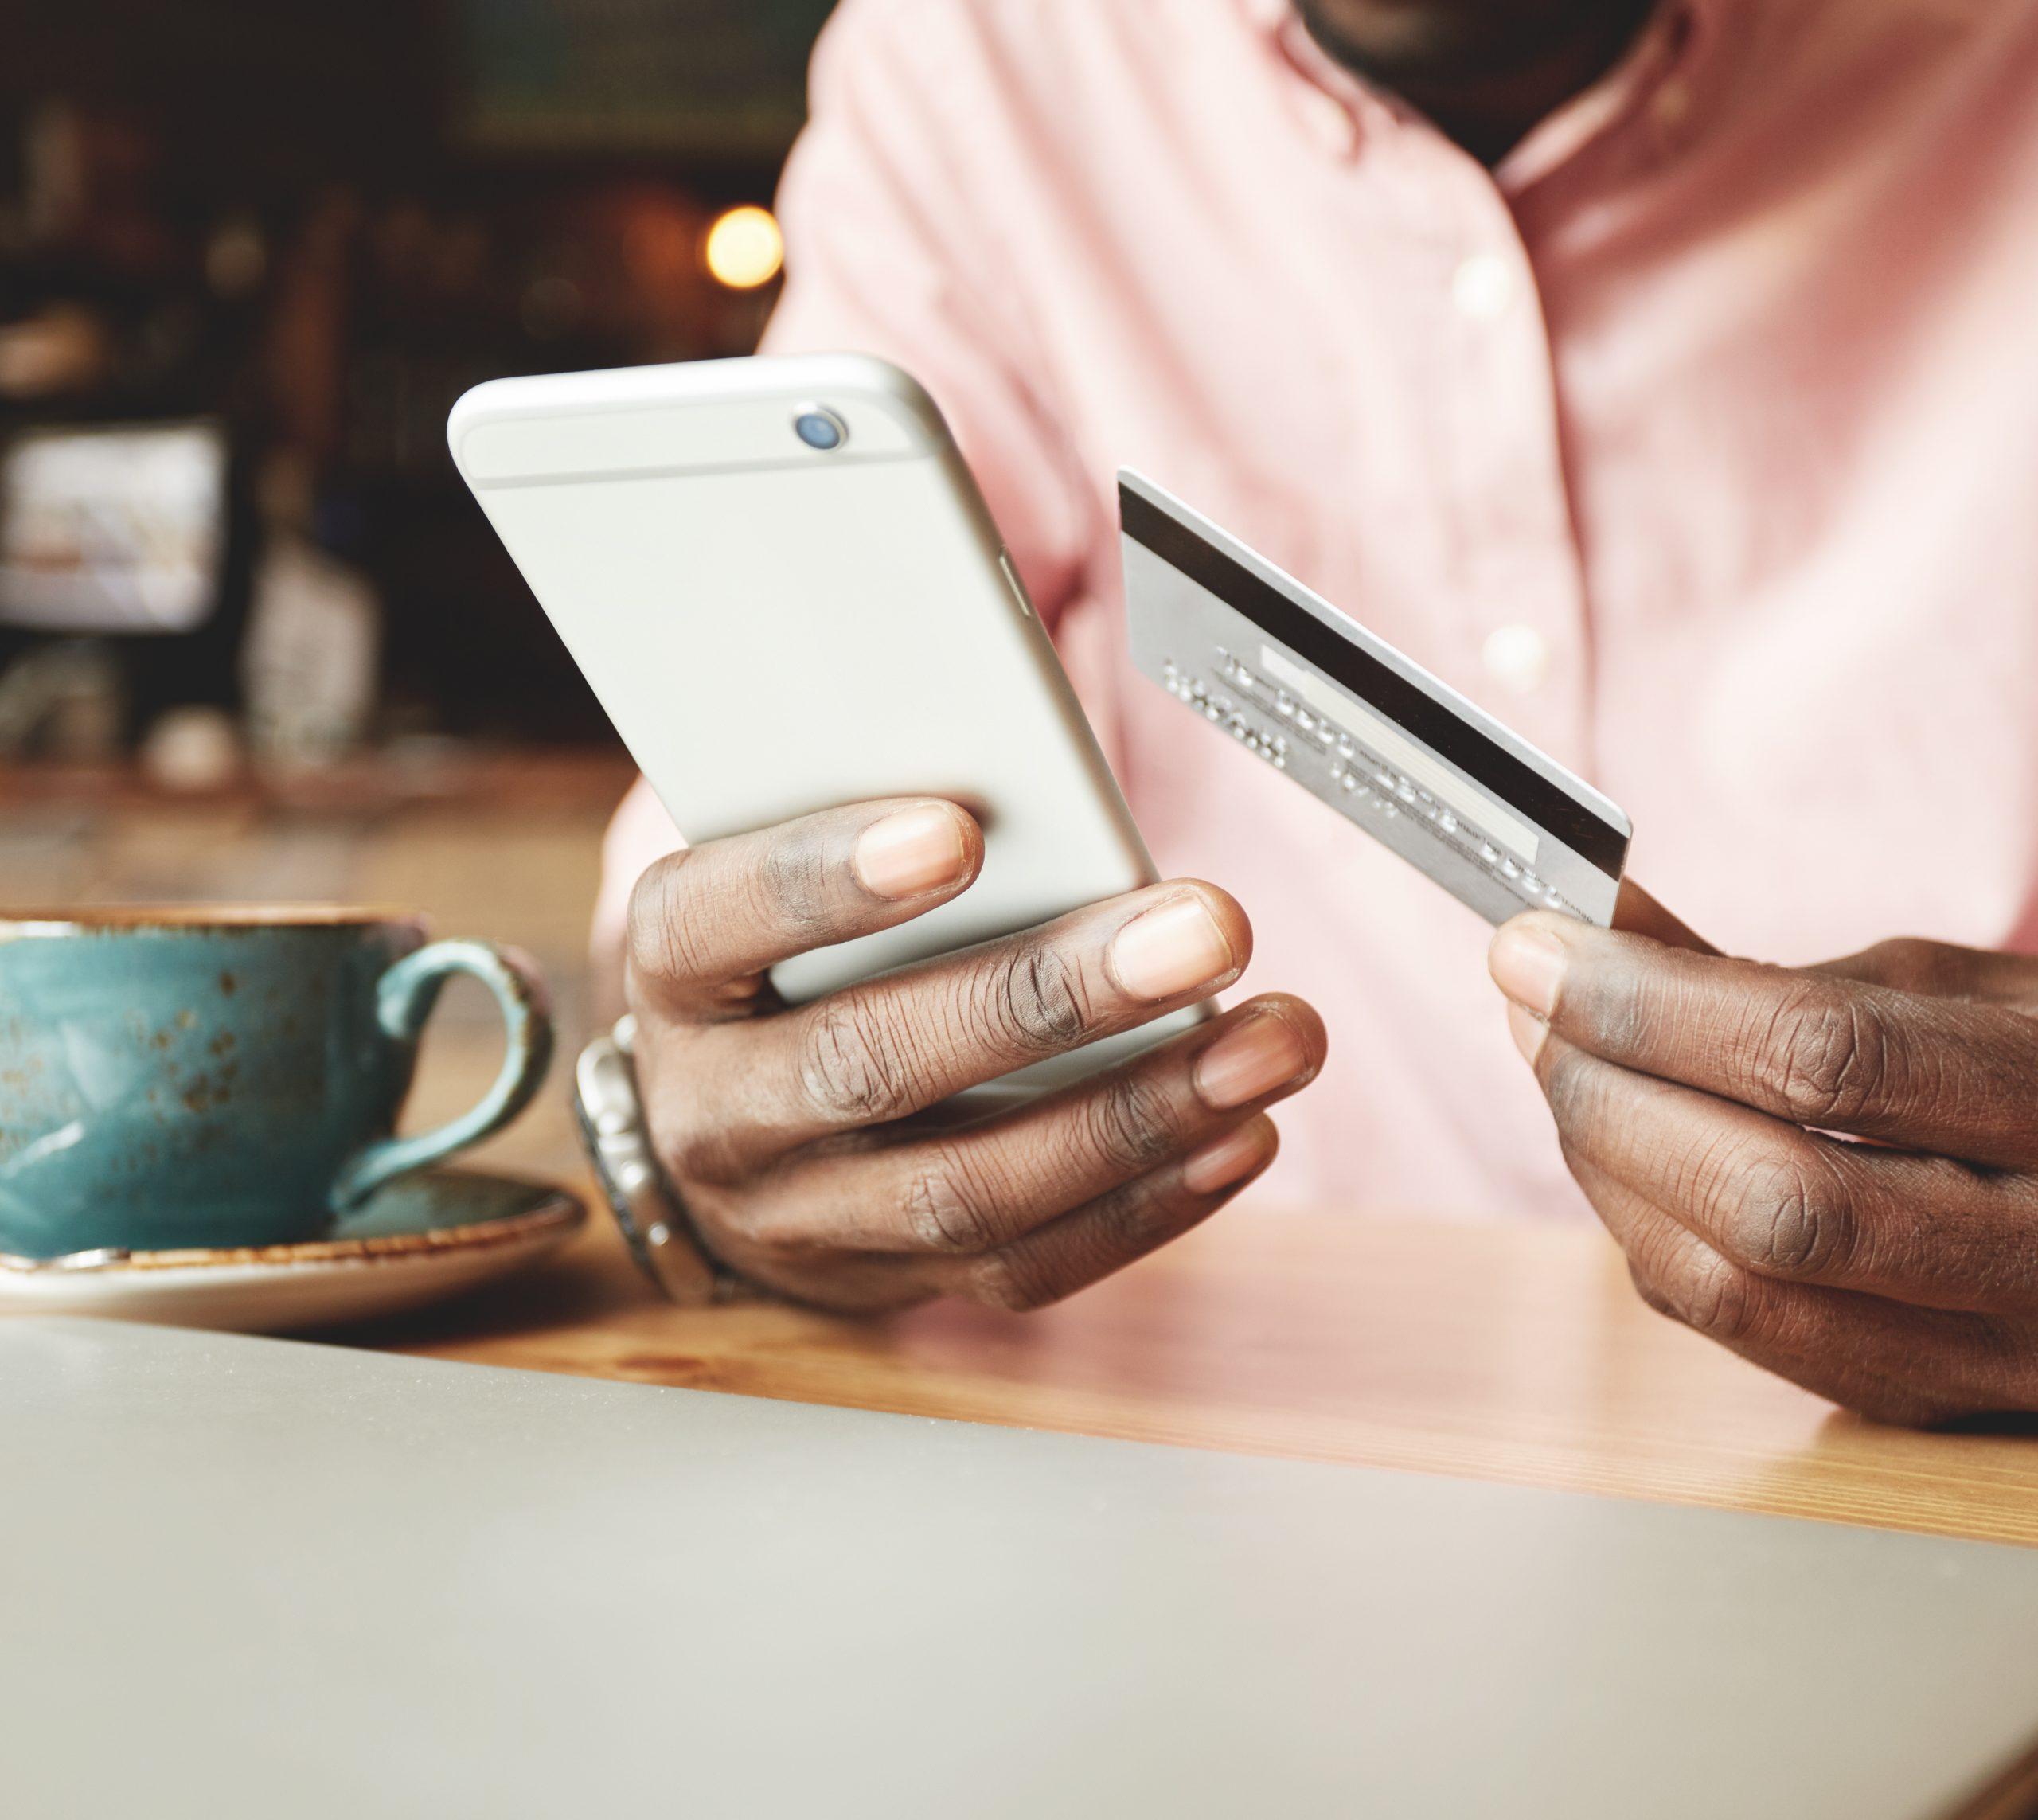 Pix ou WhatsApp Pay: qual meio de pagamento será preferido pelos brasileiros?